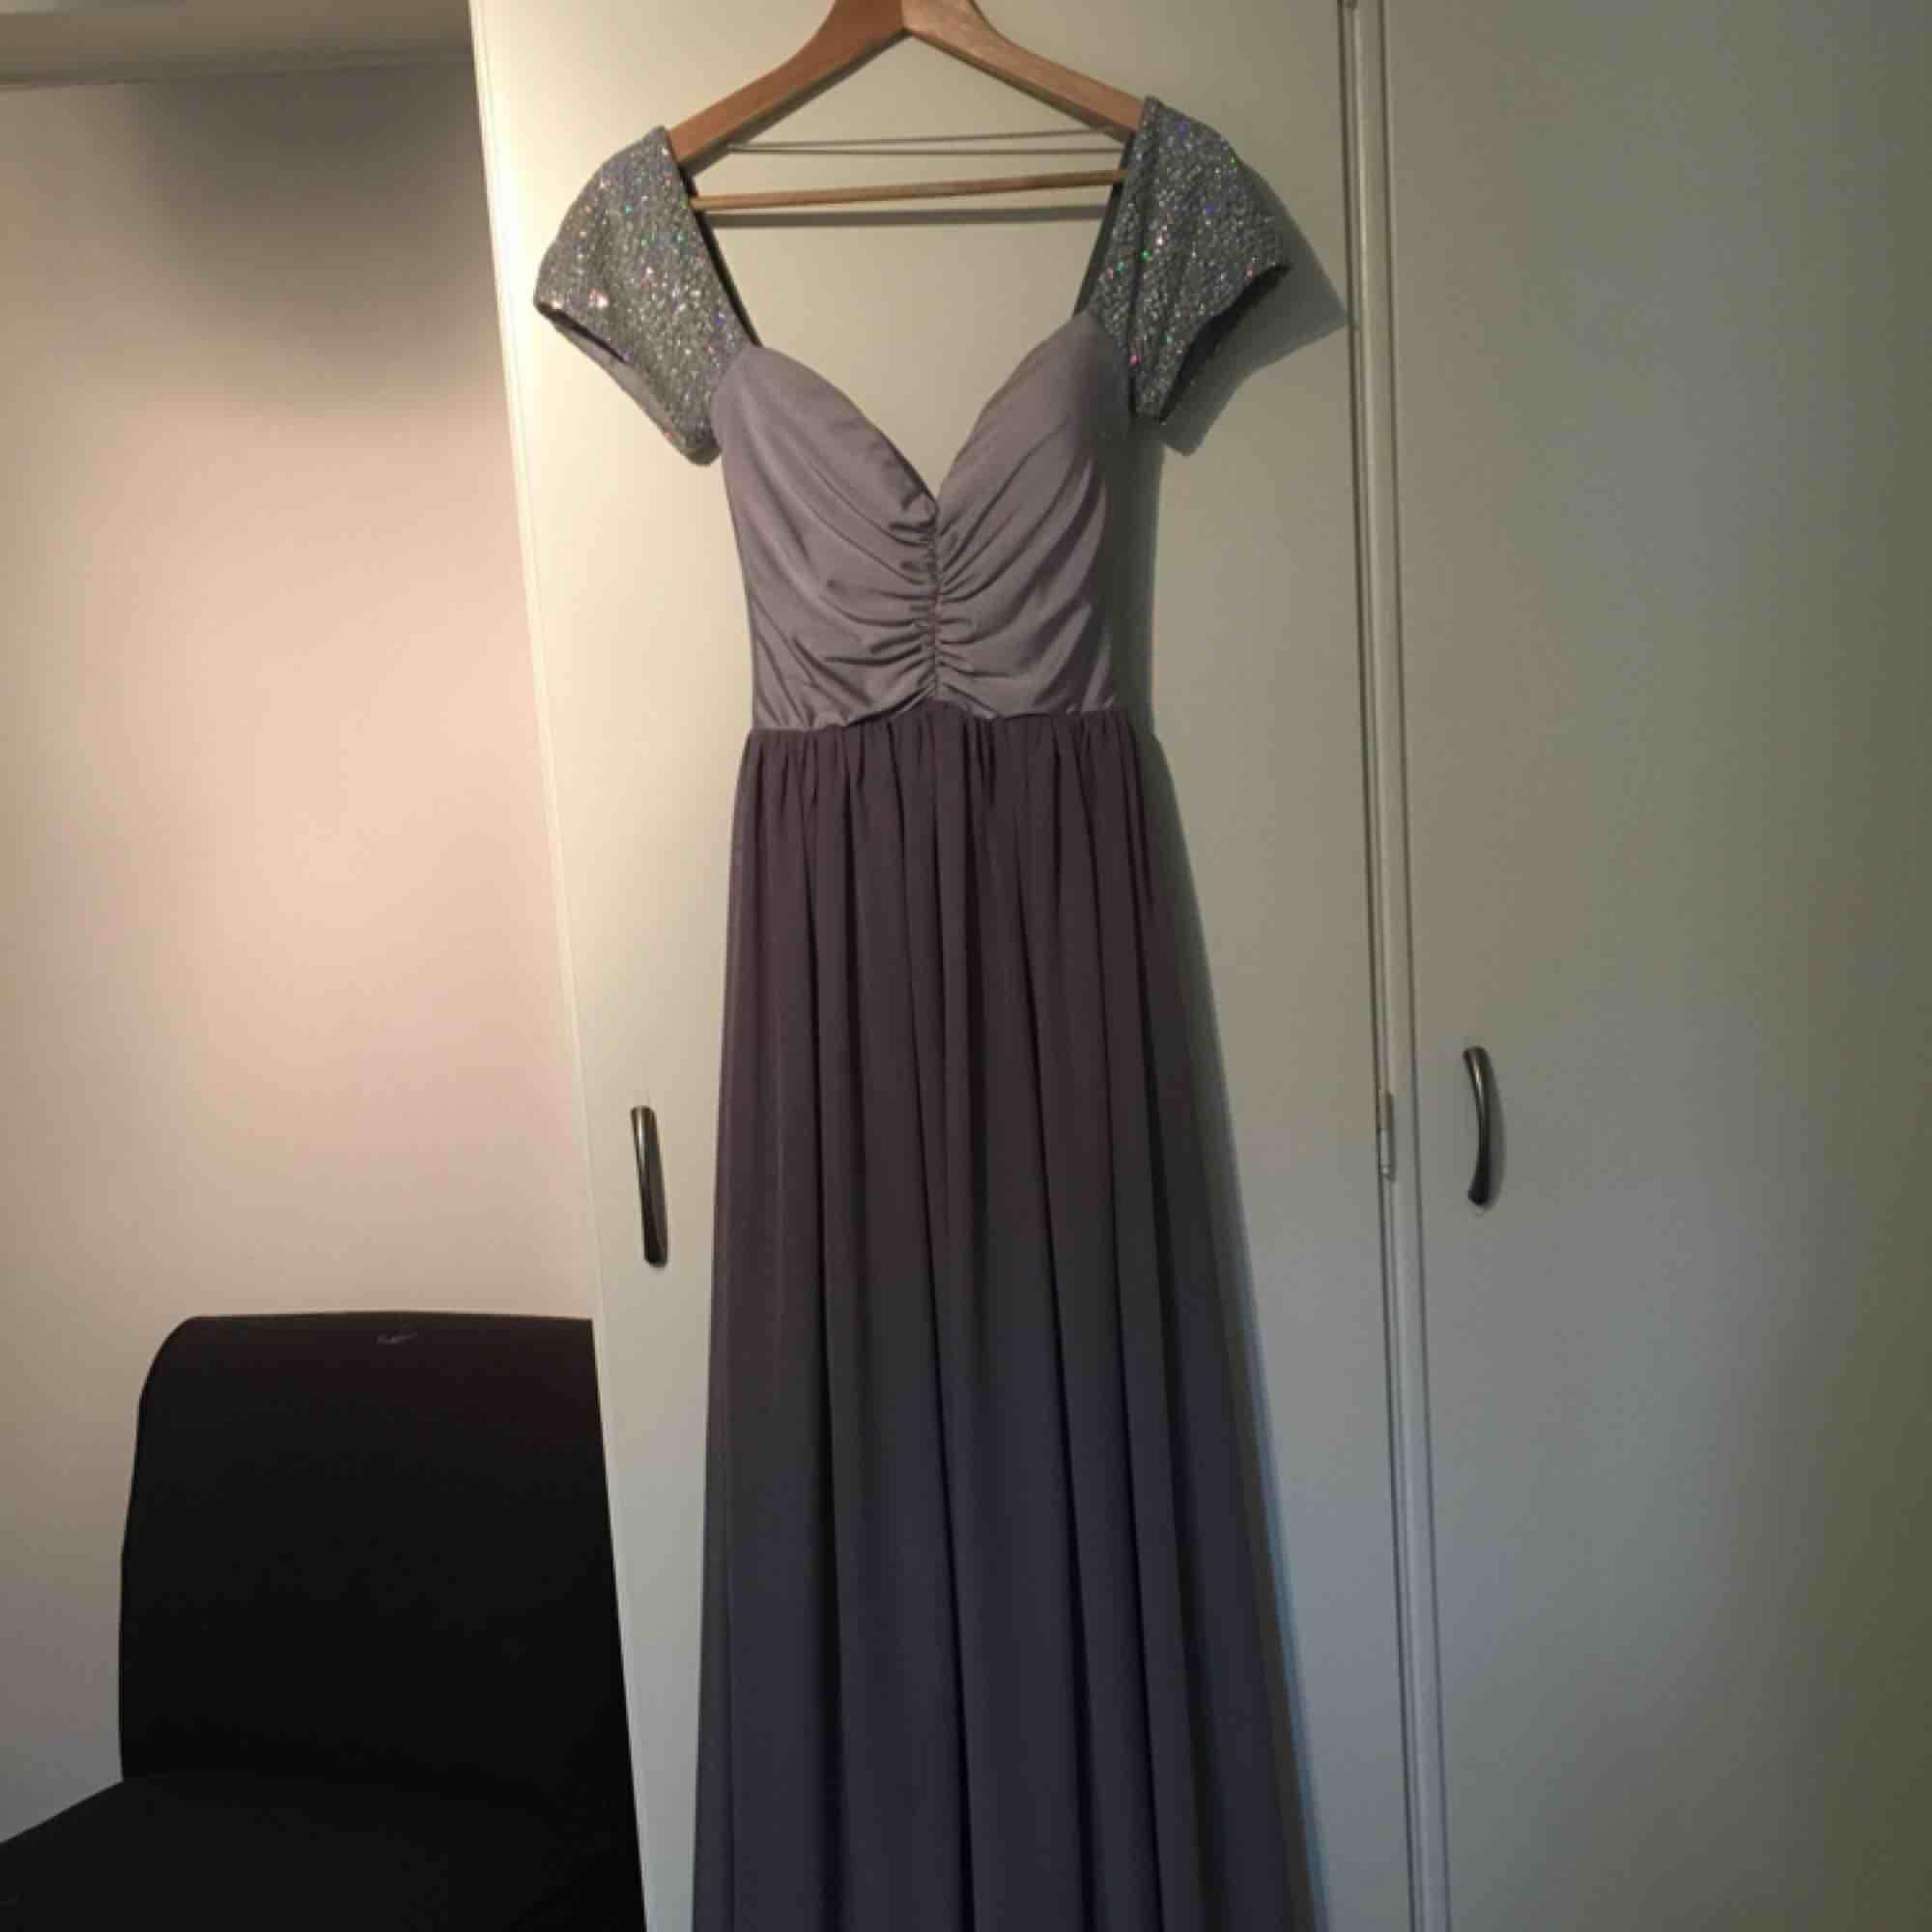 32585d7bd317 Balklänning använd vid ett tillfälle. Köpt på Nelly sommaren 2016, hängt i  garderoben sedan ...